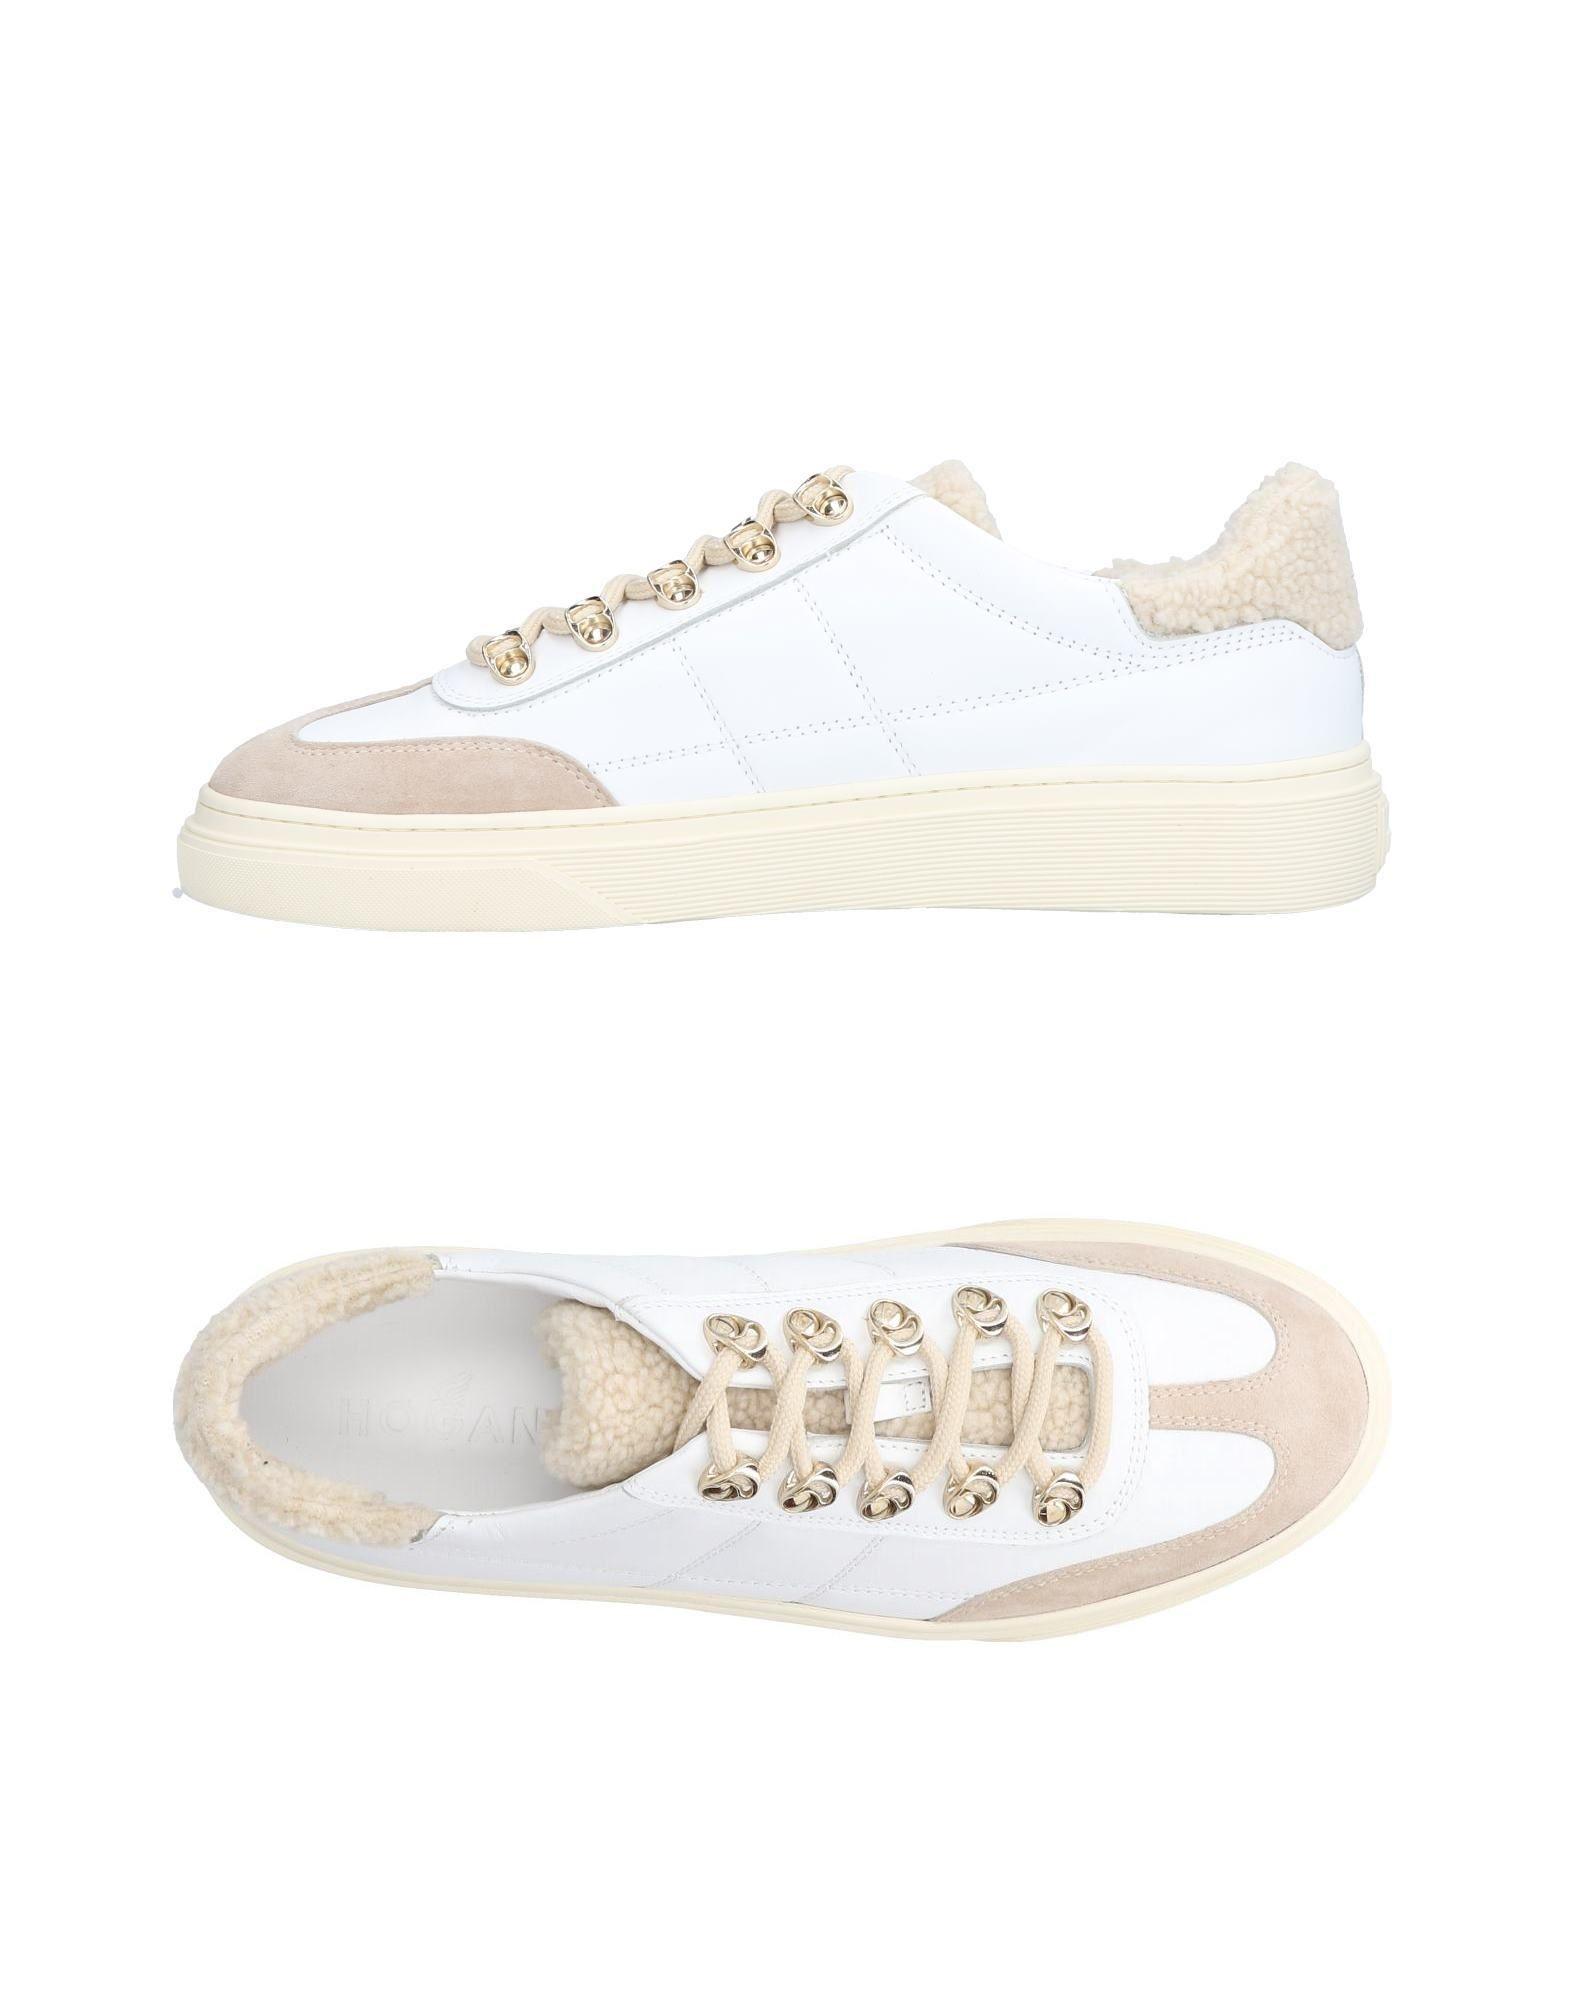 Κορυφαία προϊόντα για Παπούτσια - Σελίδα 7434  a5b8ab9f82b